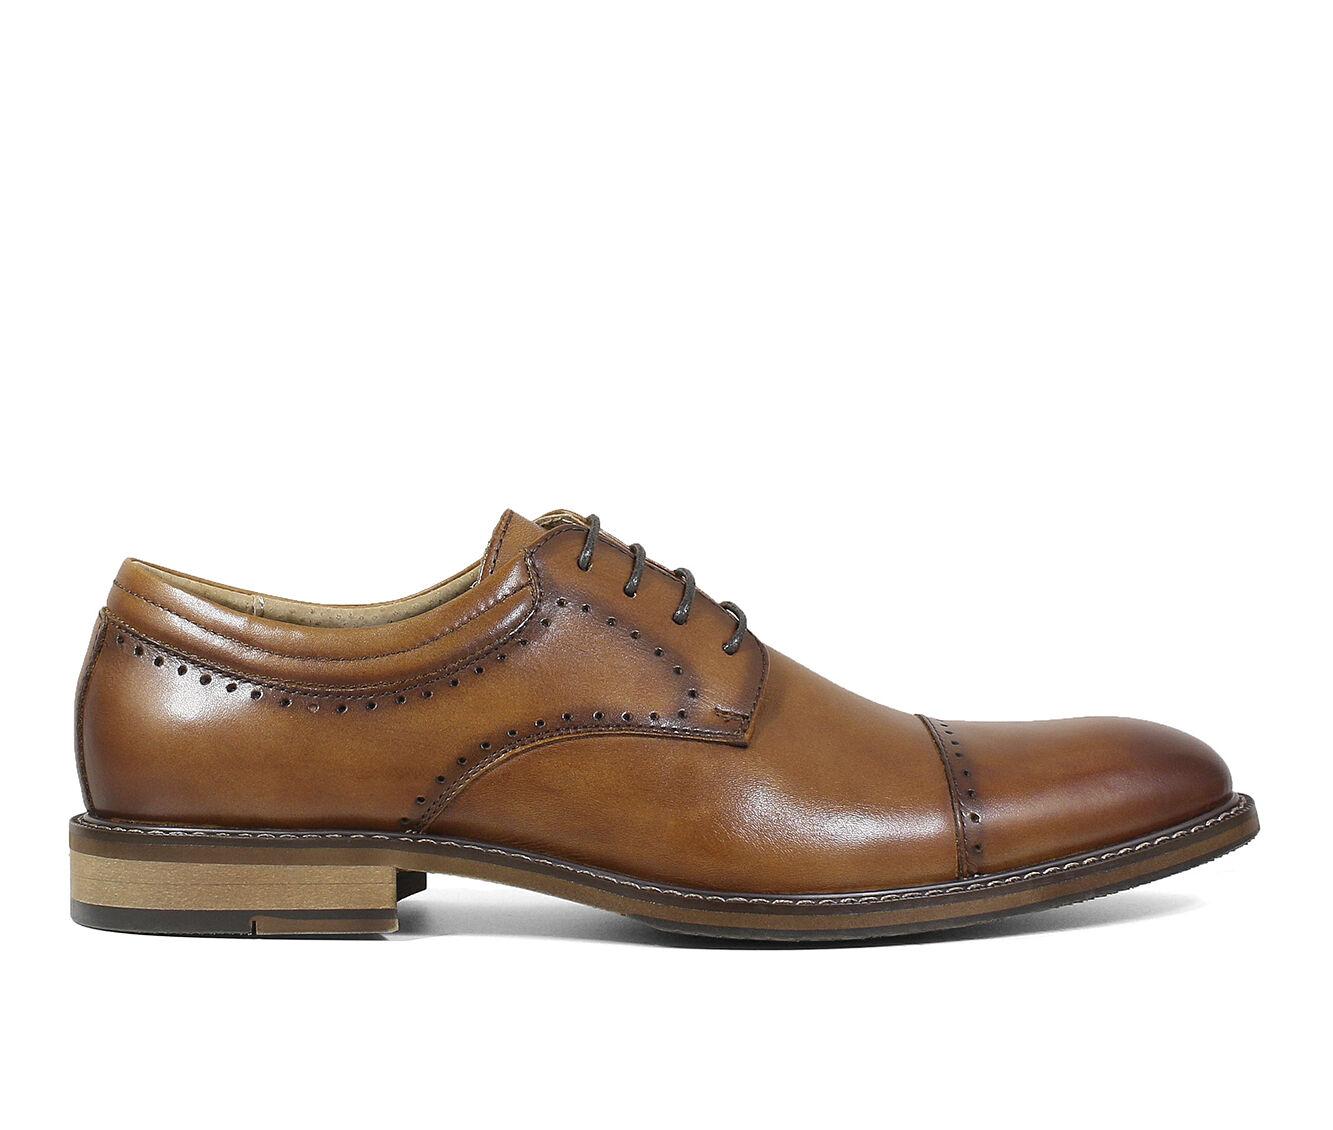 Men's Stacy Adams Flemming Dress Shoes Cognac